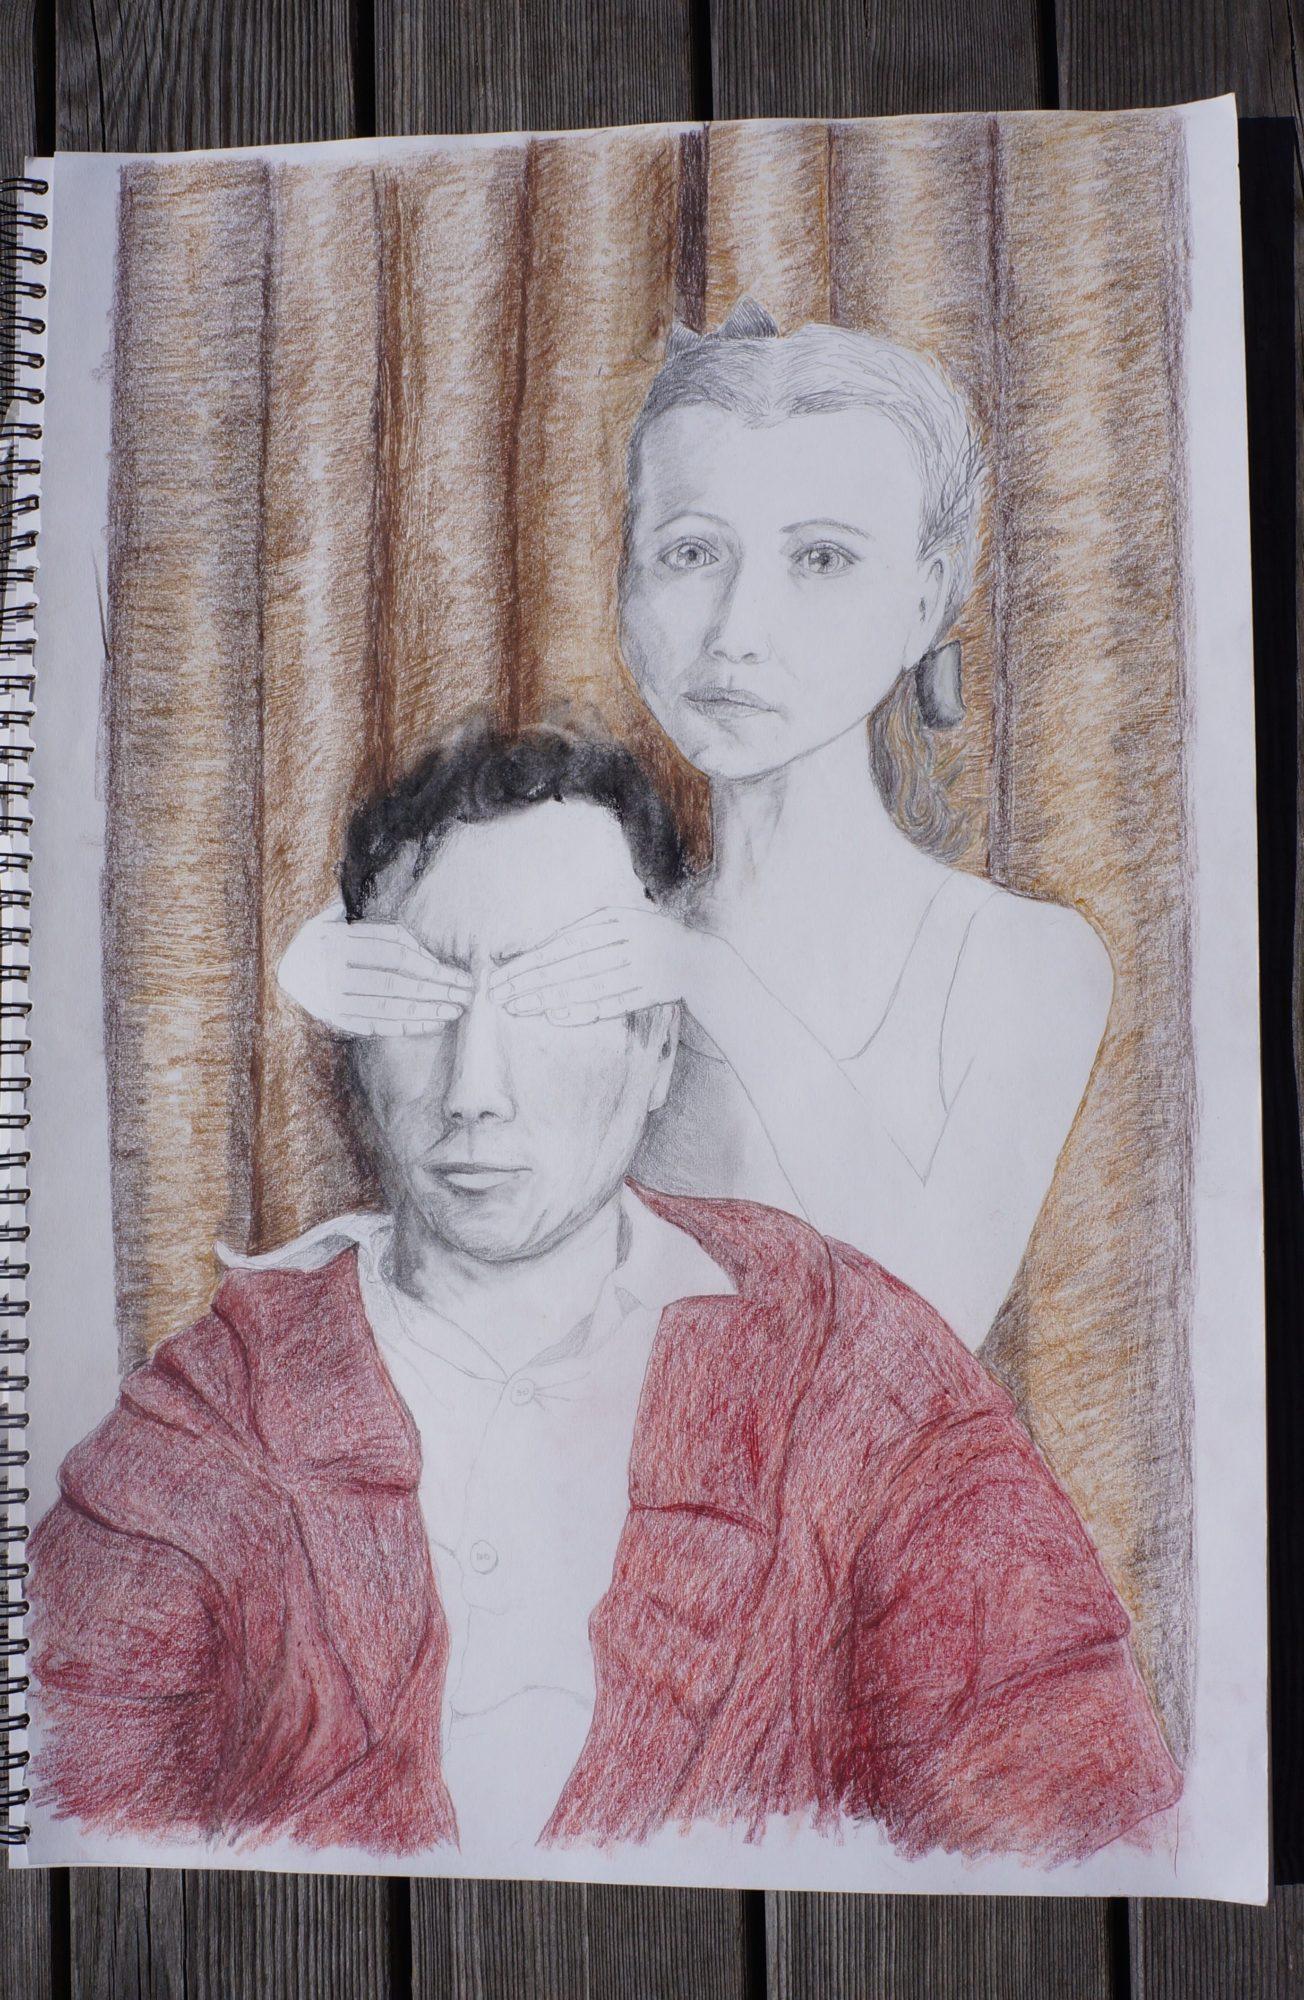 Tegning Inspireret Af Nabokovs Roman Lolita